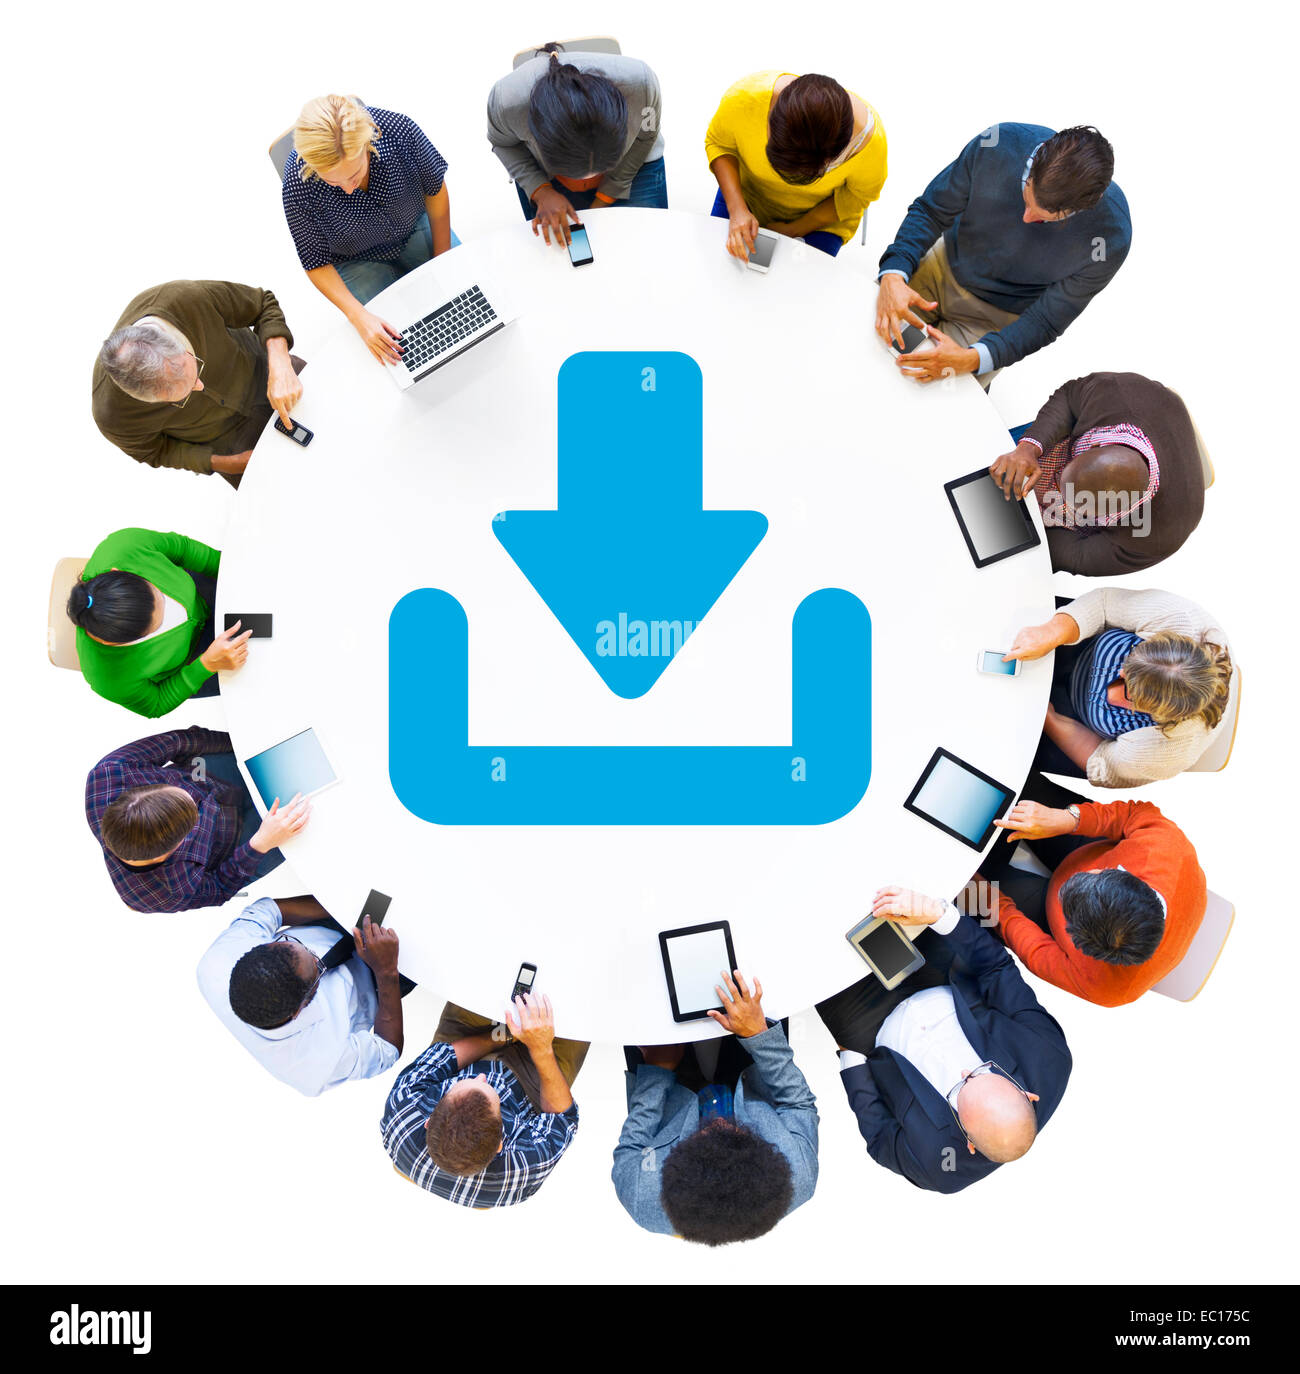 Diverses personnes à l'aide d'appareils numériques avec symbole Télécharger Photo Stock